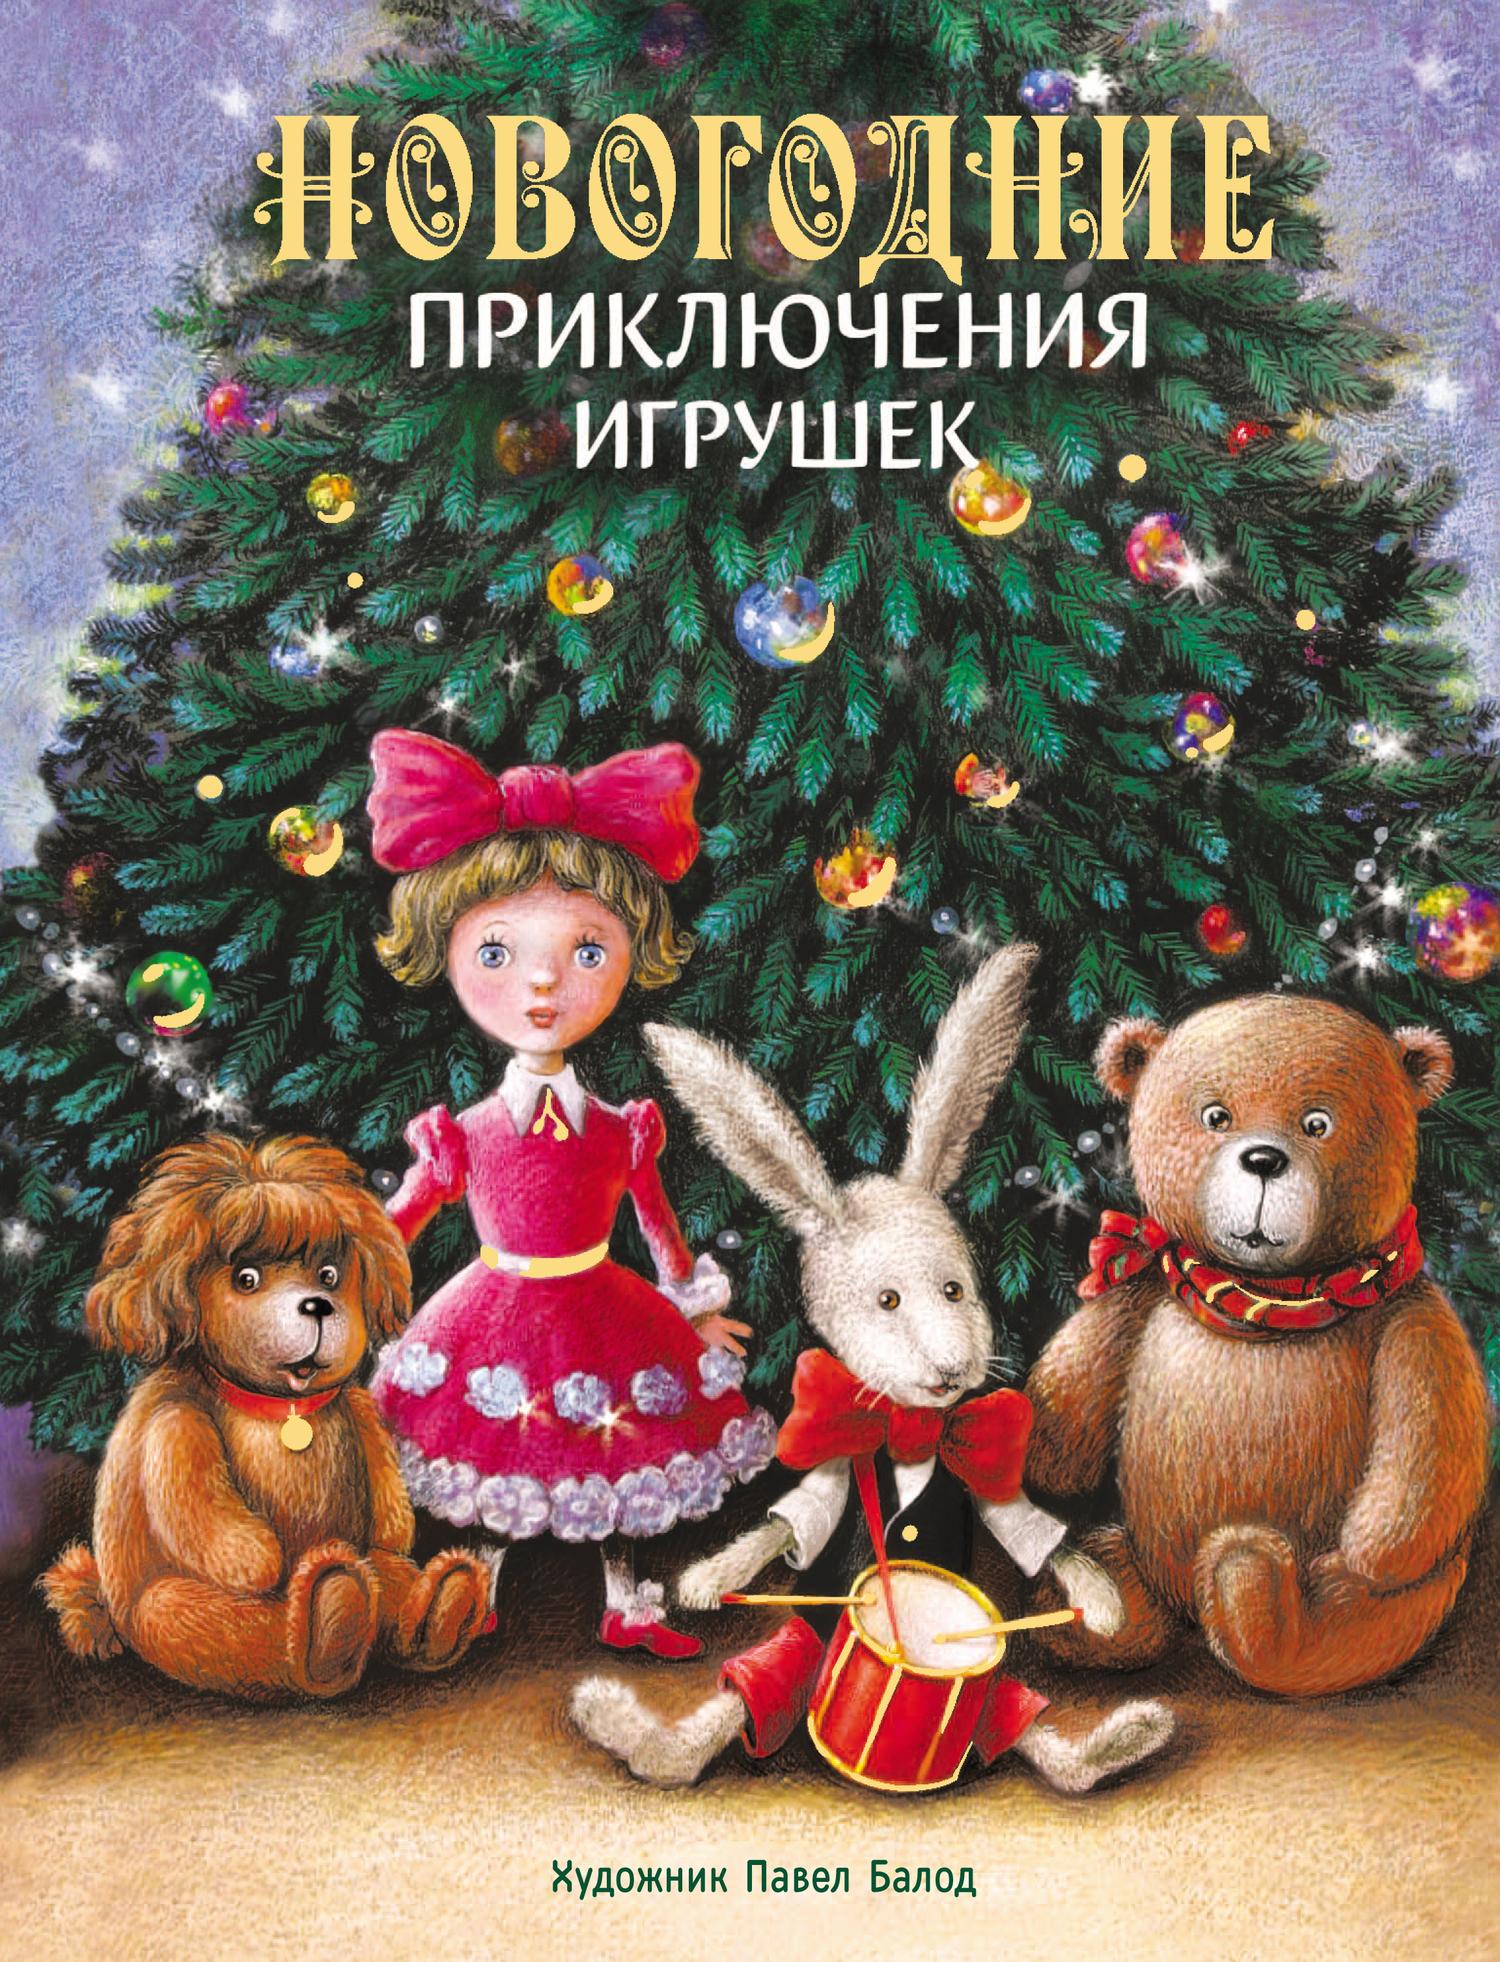 Купить книгу Новогодние приключения игрушек, автора Владимира Благова